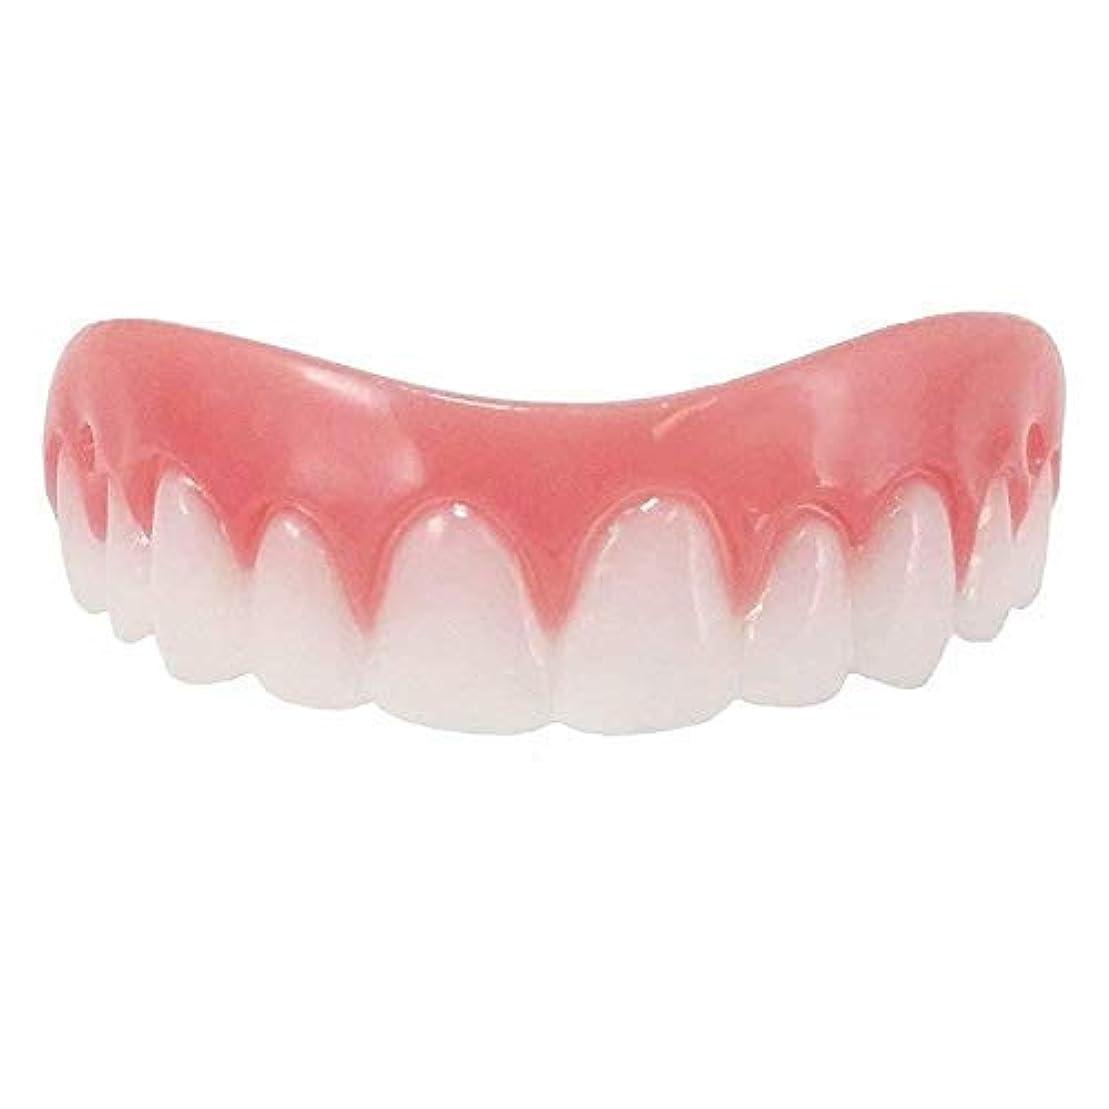 蒸留するストリームとにかくcocorave 美容用 入れ歯 上歯 審美付歯 入歯 矯正 義歯